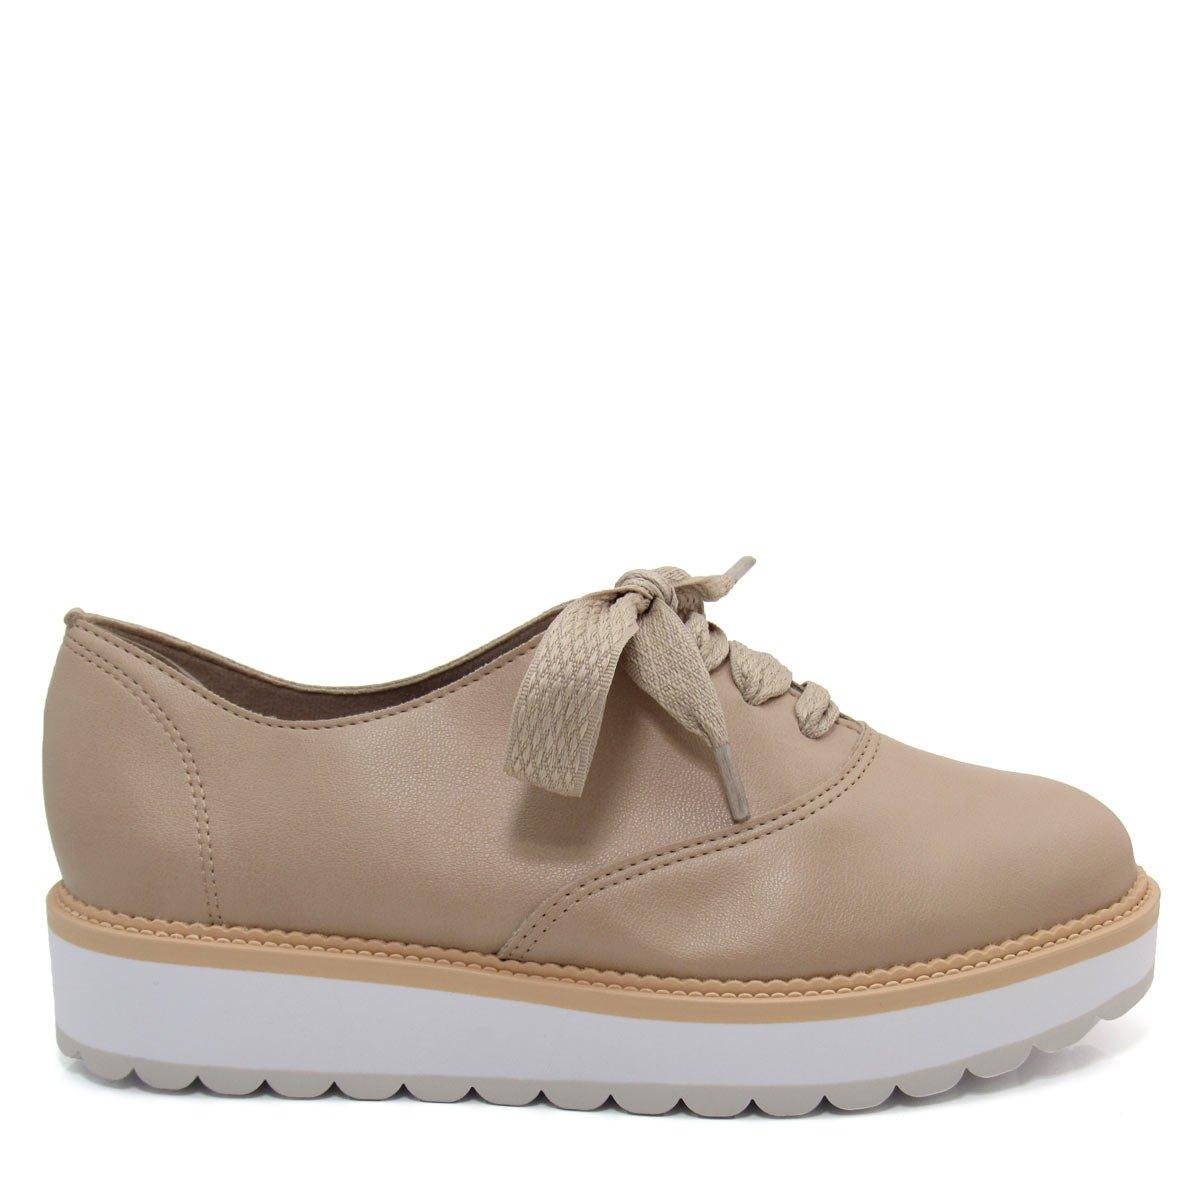 21bb01e5e0 Sapato Oxford Feminino Flatform Beira Rio 4214102 Coleção 2018